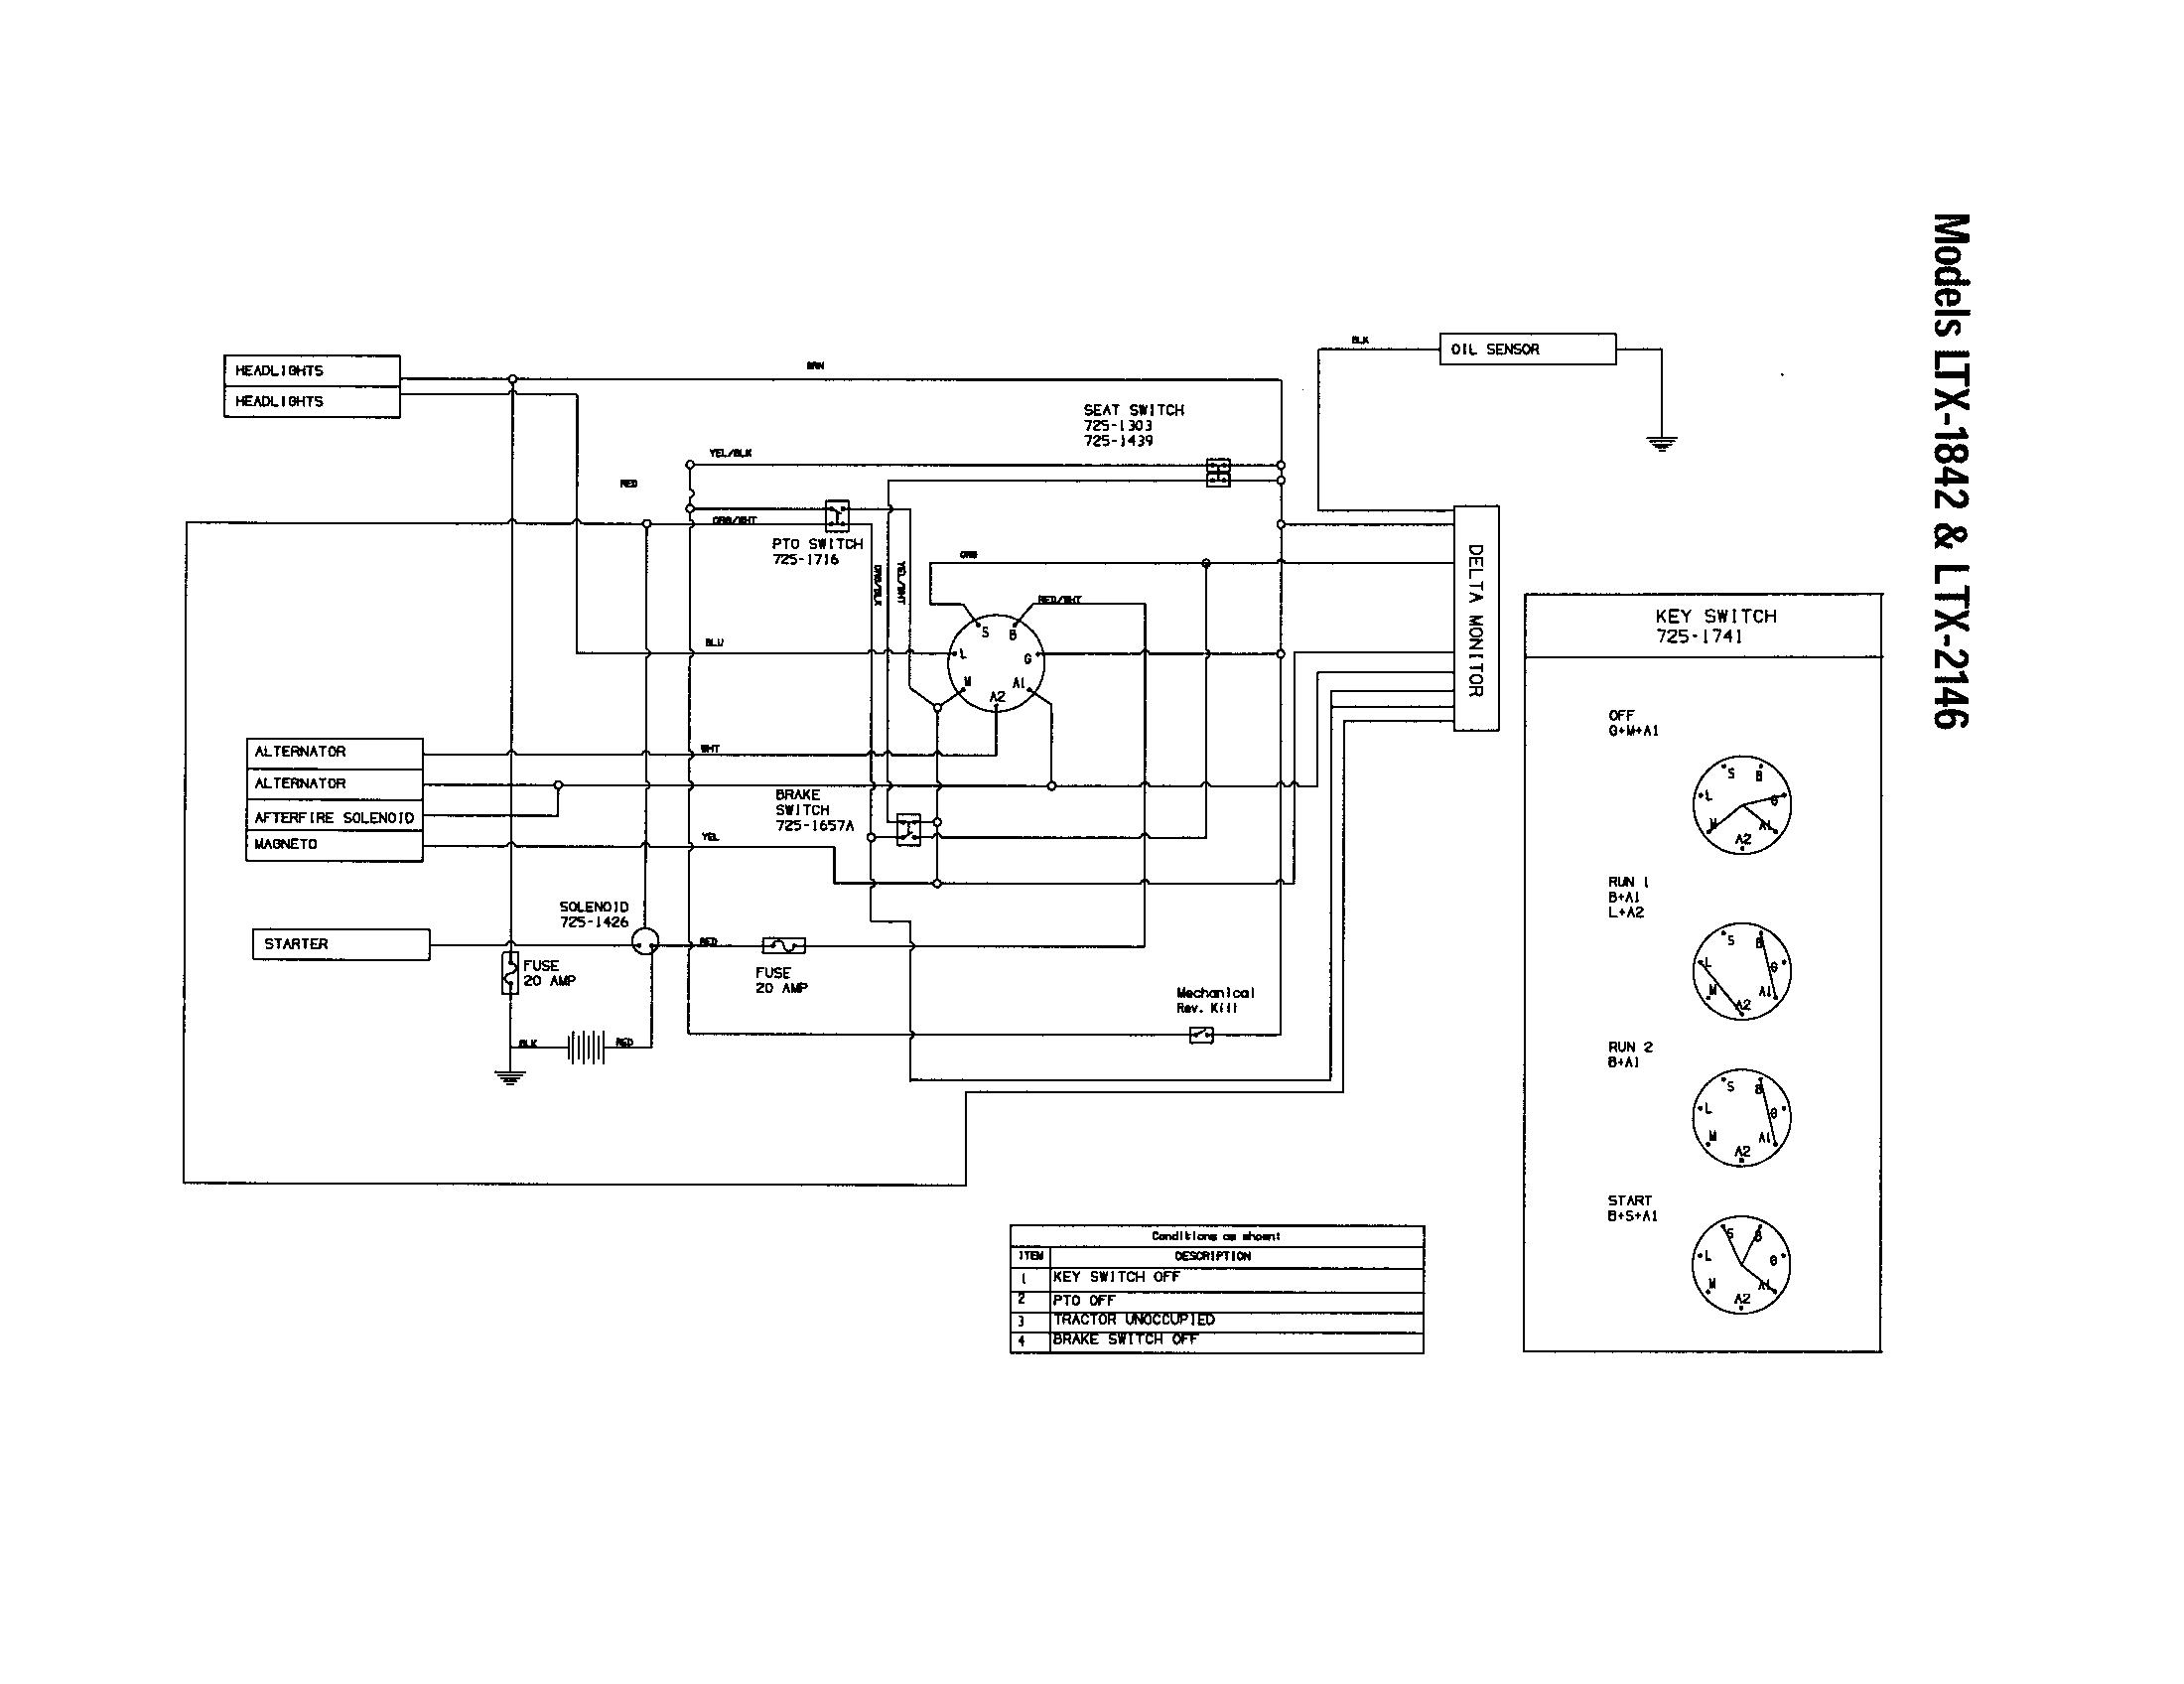 Roper Tractor Wiring Diagram - Shovelhead Chopper Wiring Diagram Alternator  for Wiring Diagram Schematics